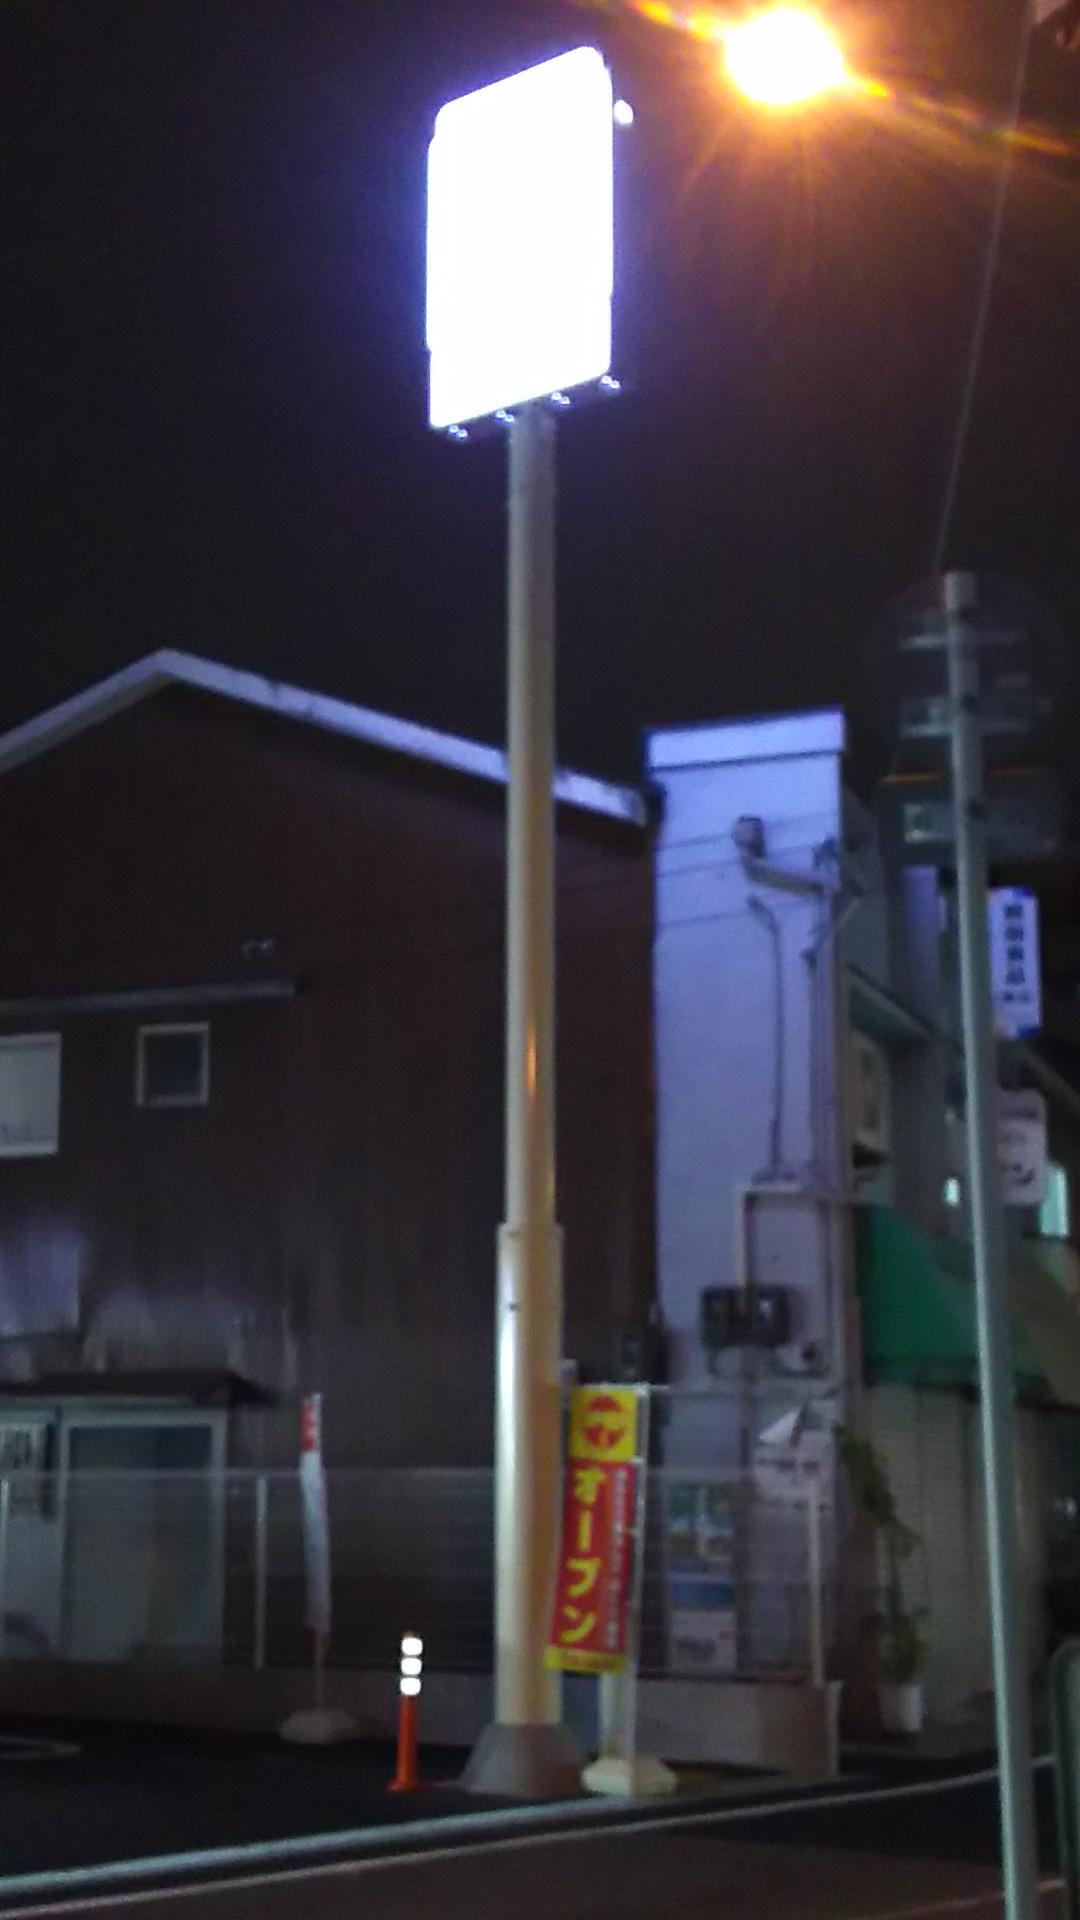 セブンイレブン 大阪加島3丁目店 看板 と のぼり